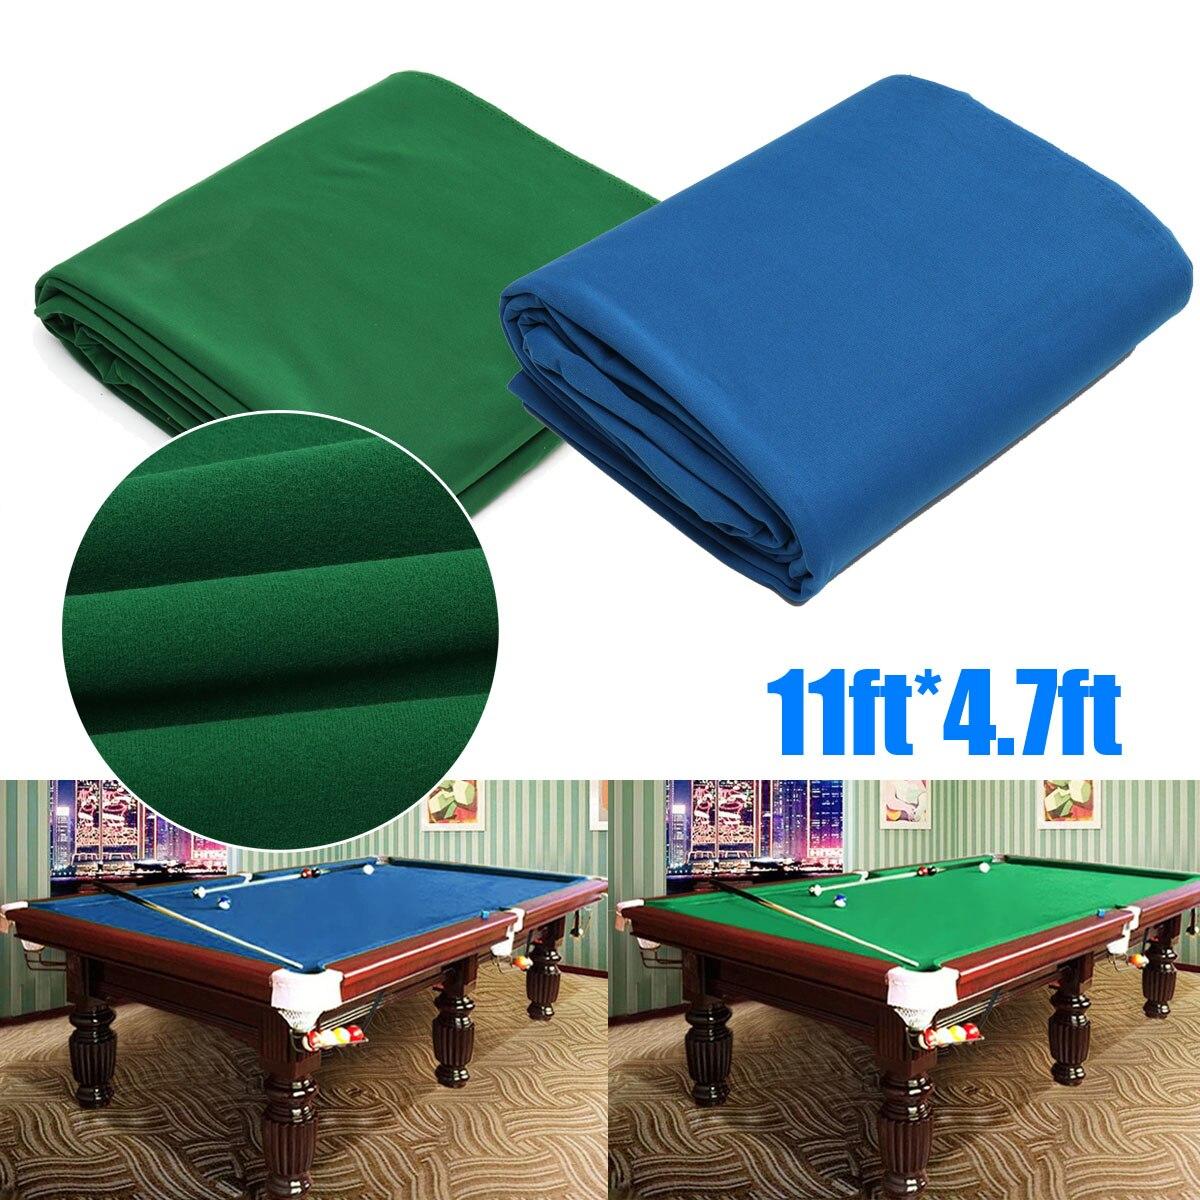 Verde/Blu Snooker Biliardo Piscina Panno Otto Palla Da Biliardo ...